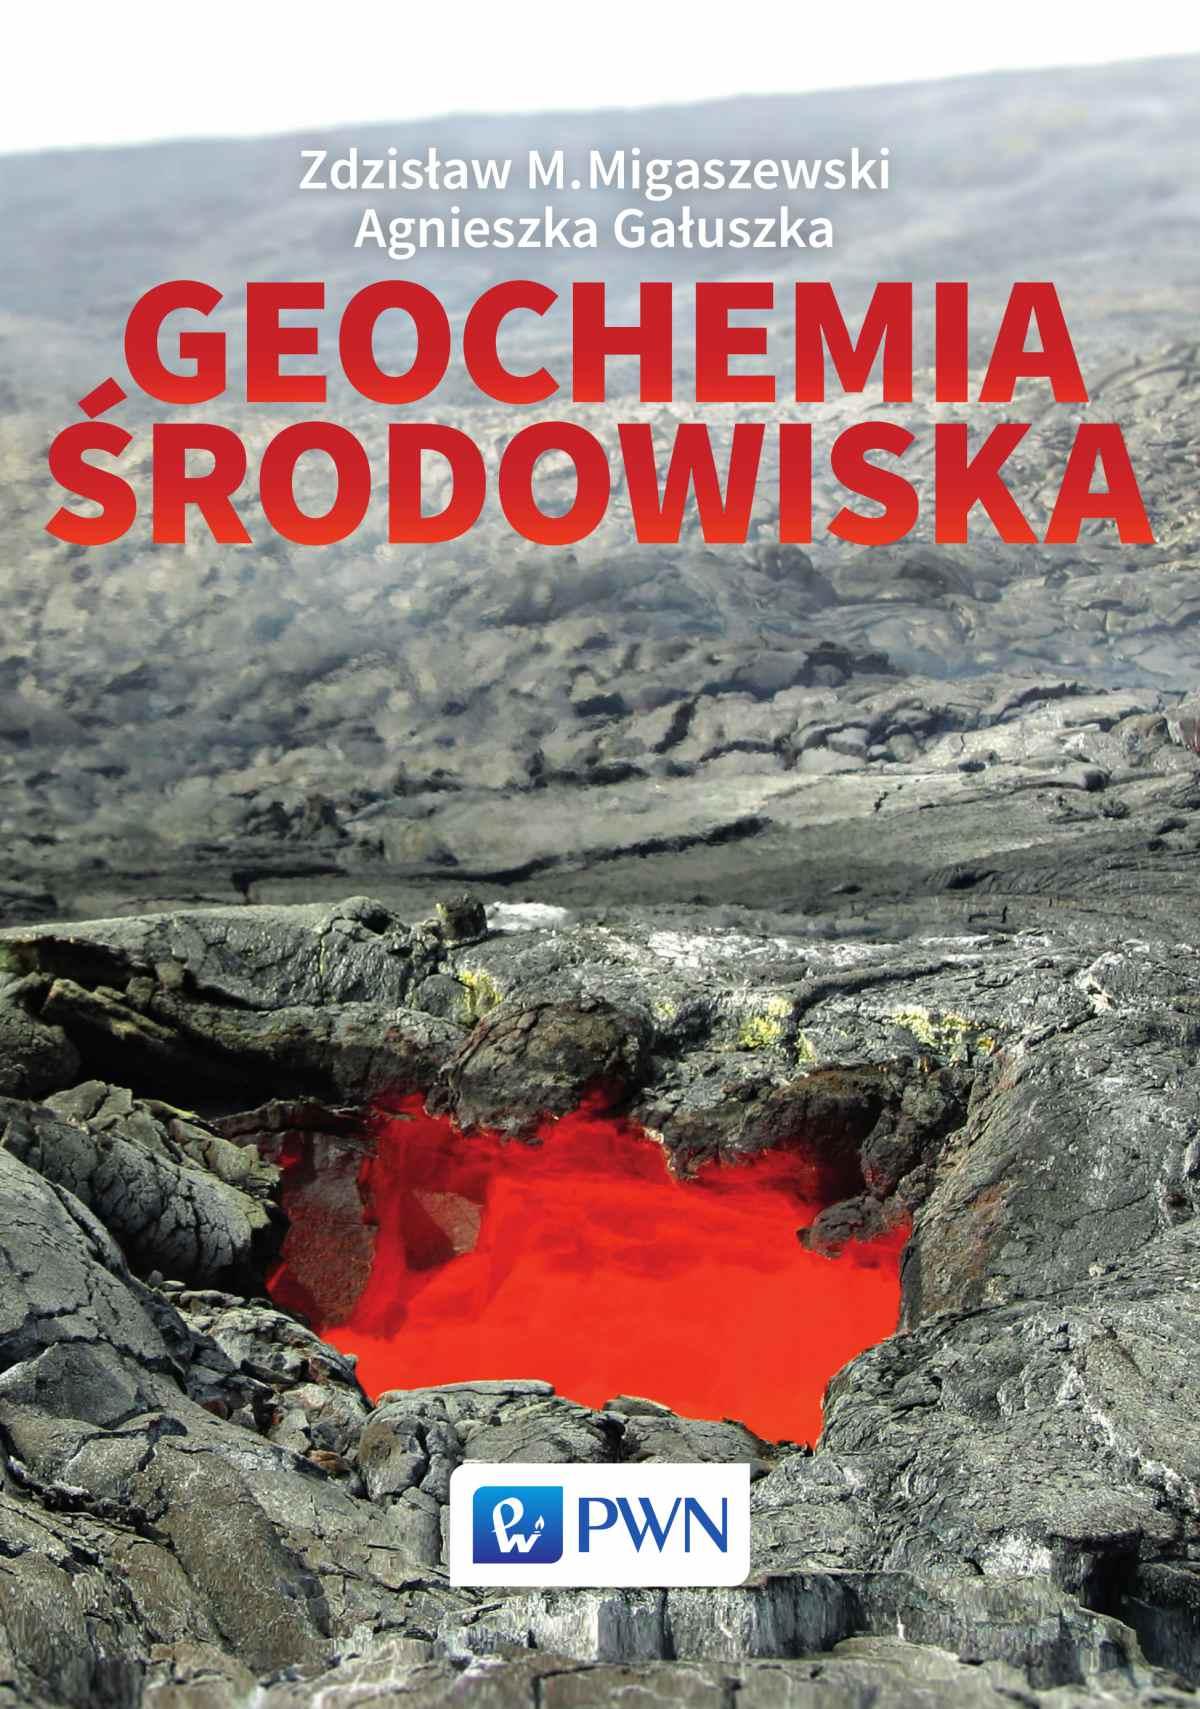 Geochemia środowiska - Ebook (Książka EPUB) do pobrania w formacie EPUB